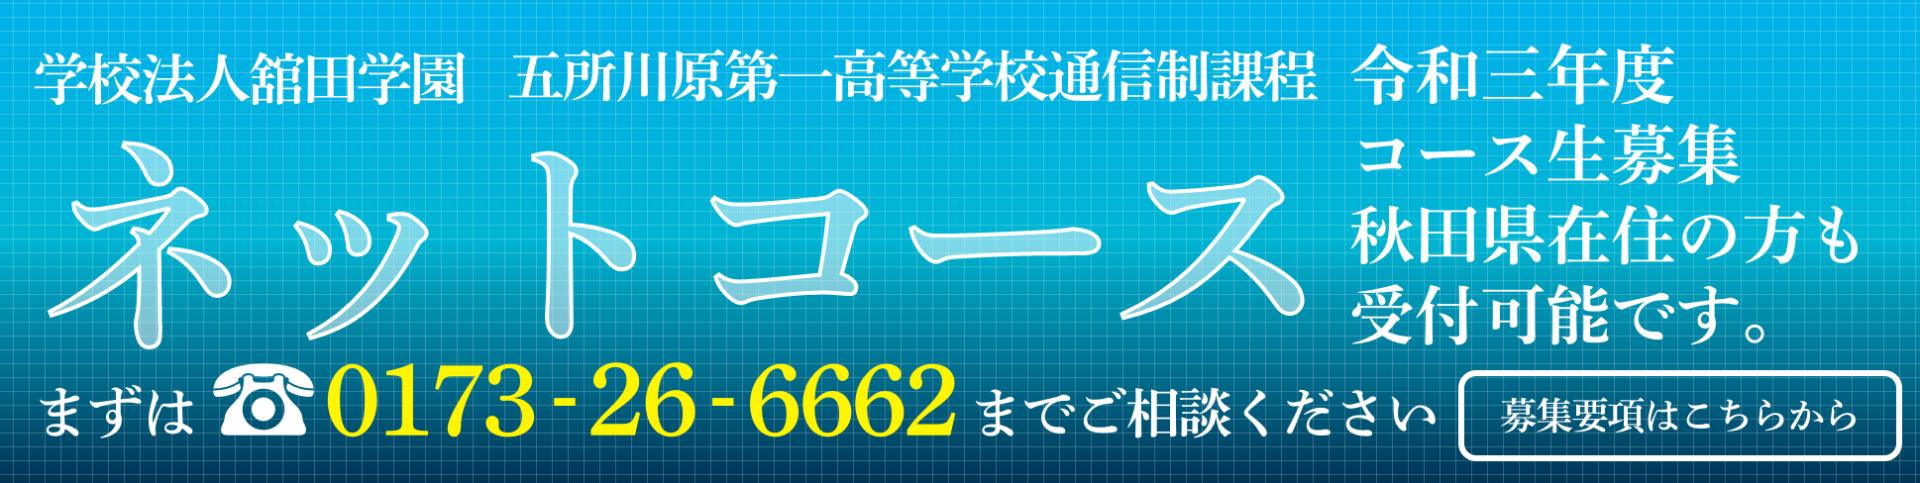 令和三年度ネットコース募集、秋田県在住の方も受付可能です。